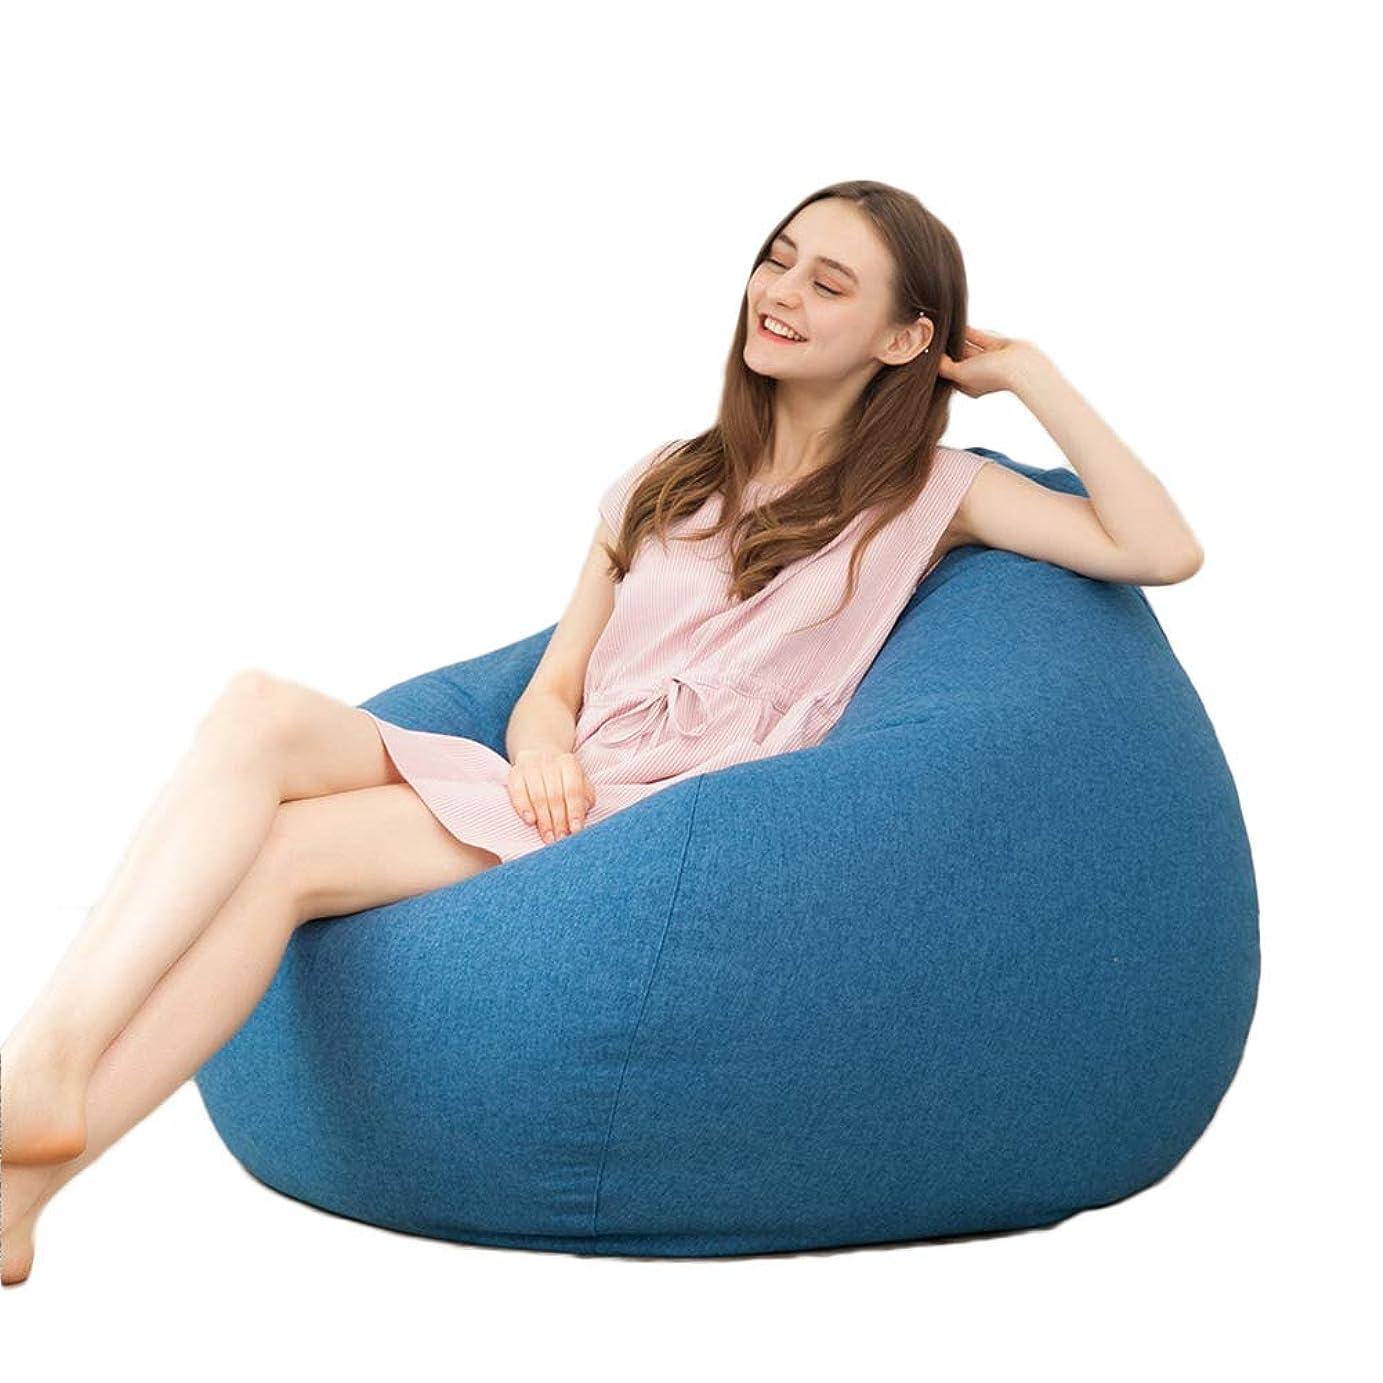 引き受ける行為傑出した座椅子 ビーズクッション 座布団 椅子用 腰痛 低反発 人をダメにするソファ どんな座り方でもくつろぐ 着替え袋付き 洗える レイジーソファ クッションもちもち 疲労を軽減 伸縮 軽量 取り外し可能